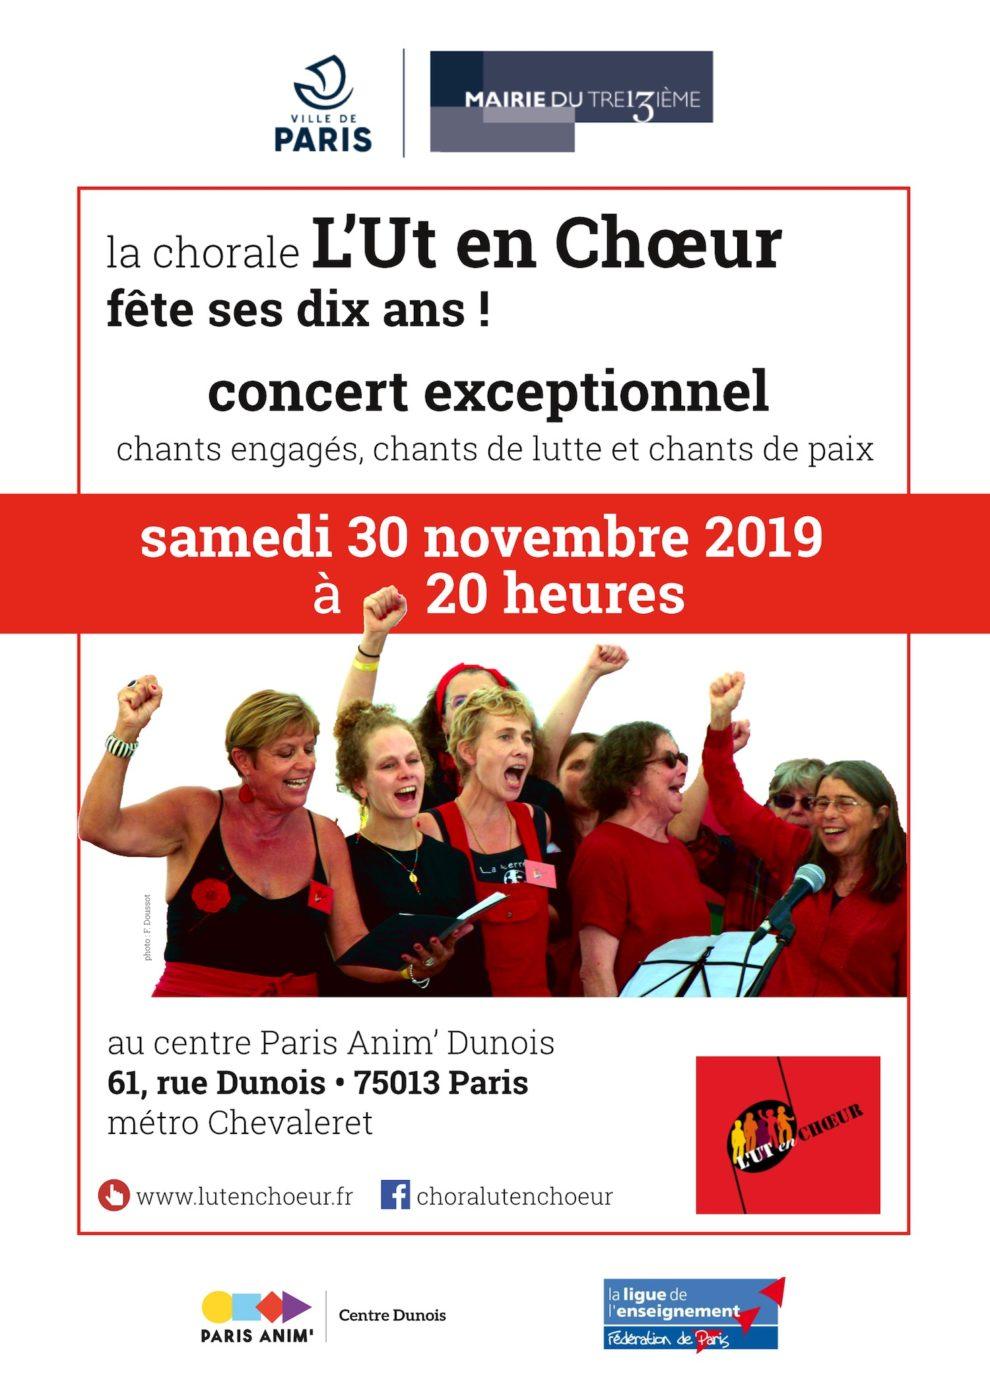 Affiche du concert L'Ut en Chœur du 30/11/2019 à Paris